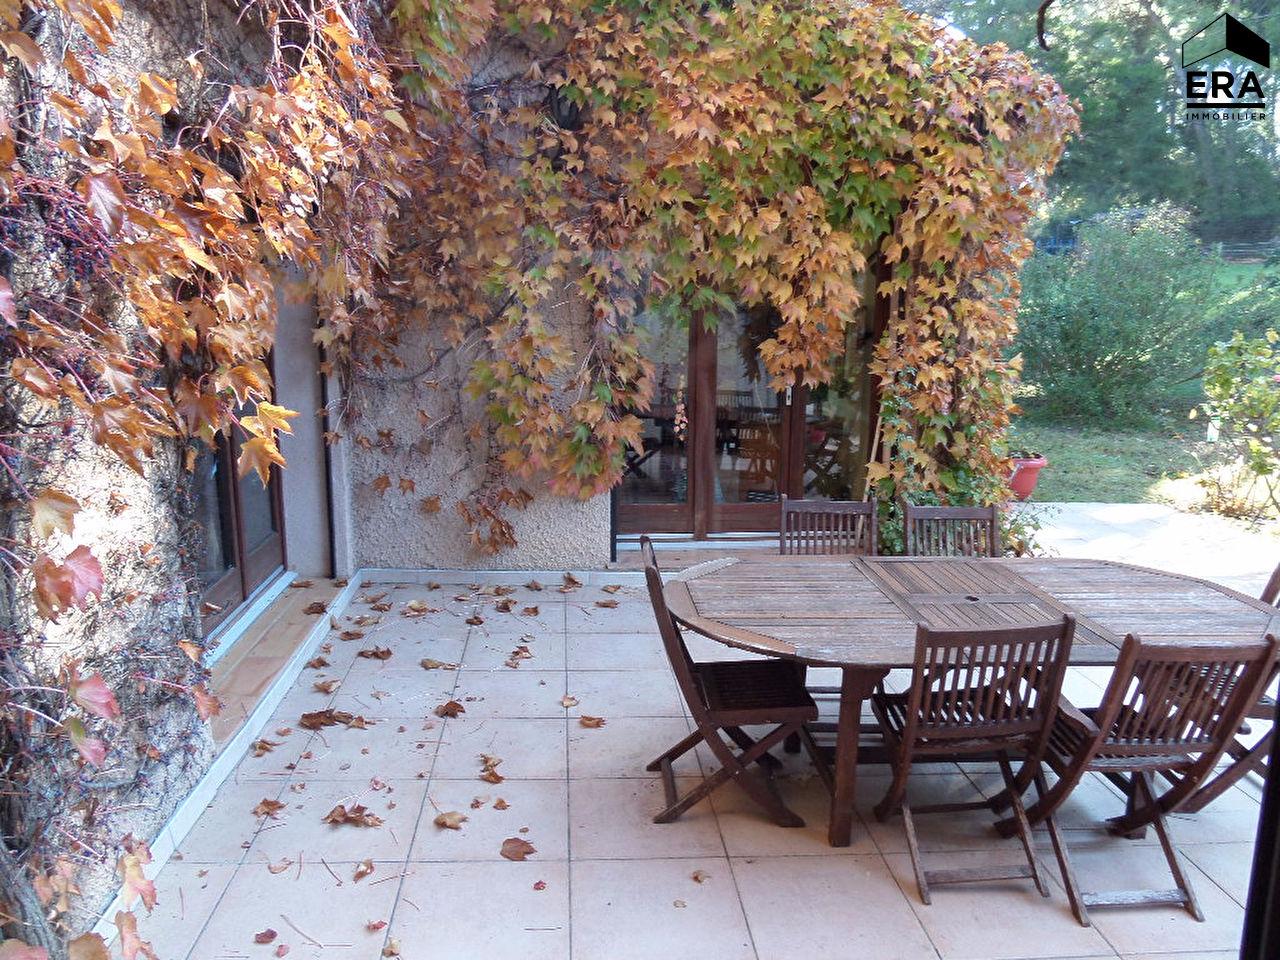 Achat immobilier villa type six avec grand terrain aix for Achat maison aix en provence